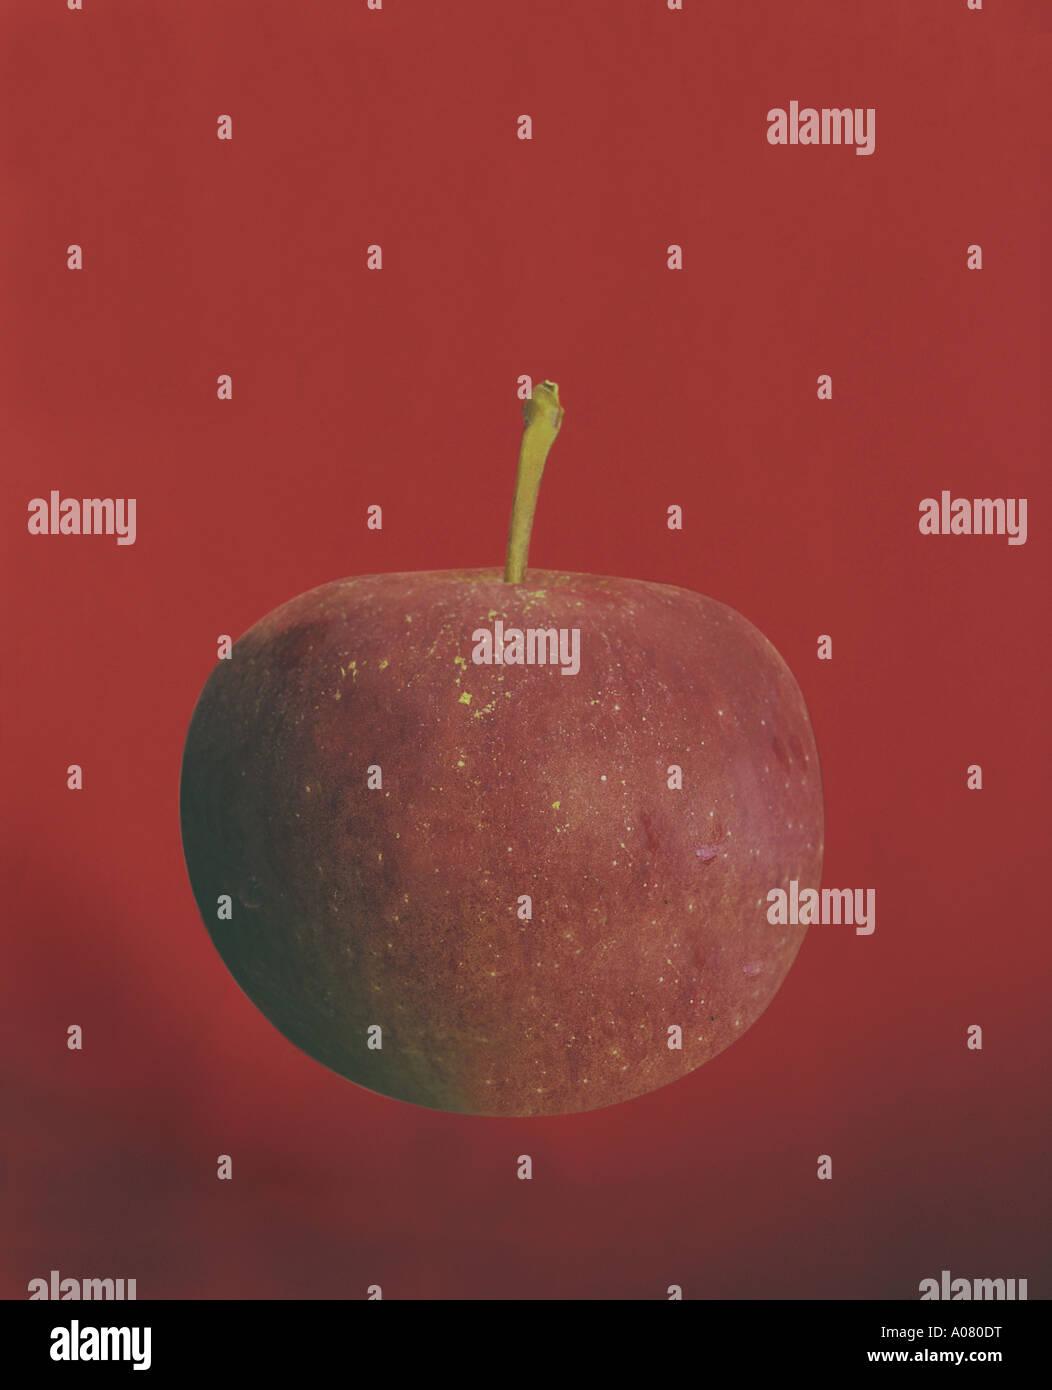 Apple Rosso Su Sfondo Rosso Di Un Oggetto Immagine Per Inverno